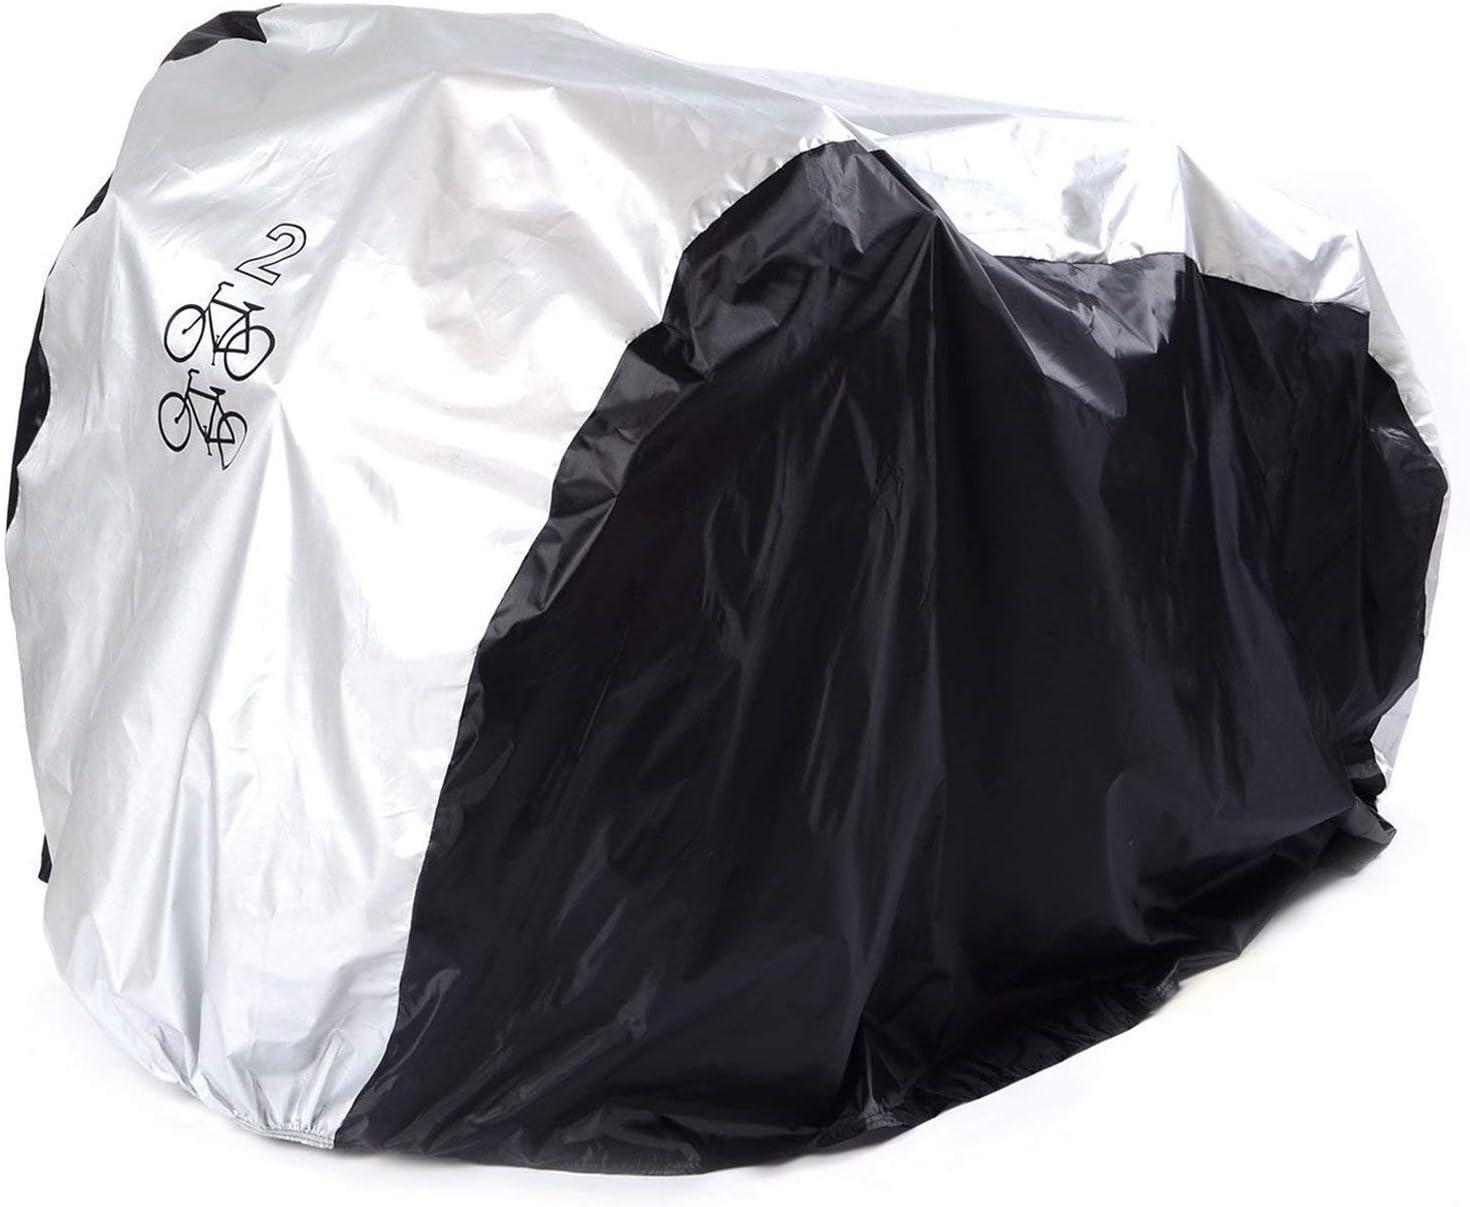 ANFTOP Funda para Bici Bicicleta Funda Protector de Polyester Cubierta Impermeable de Bicicleta para Dos/uno Bicicletas de 200 x 75 x 110 cm/190 x 72 x 110 cm